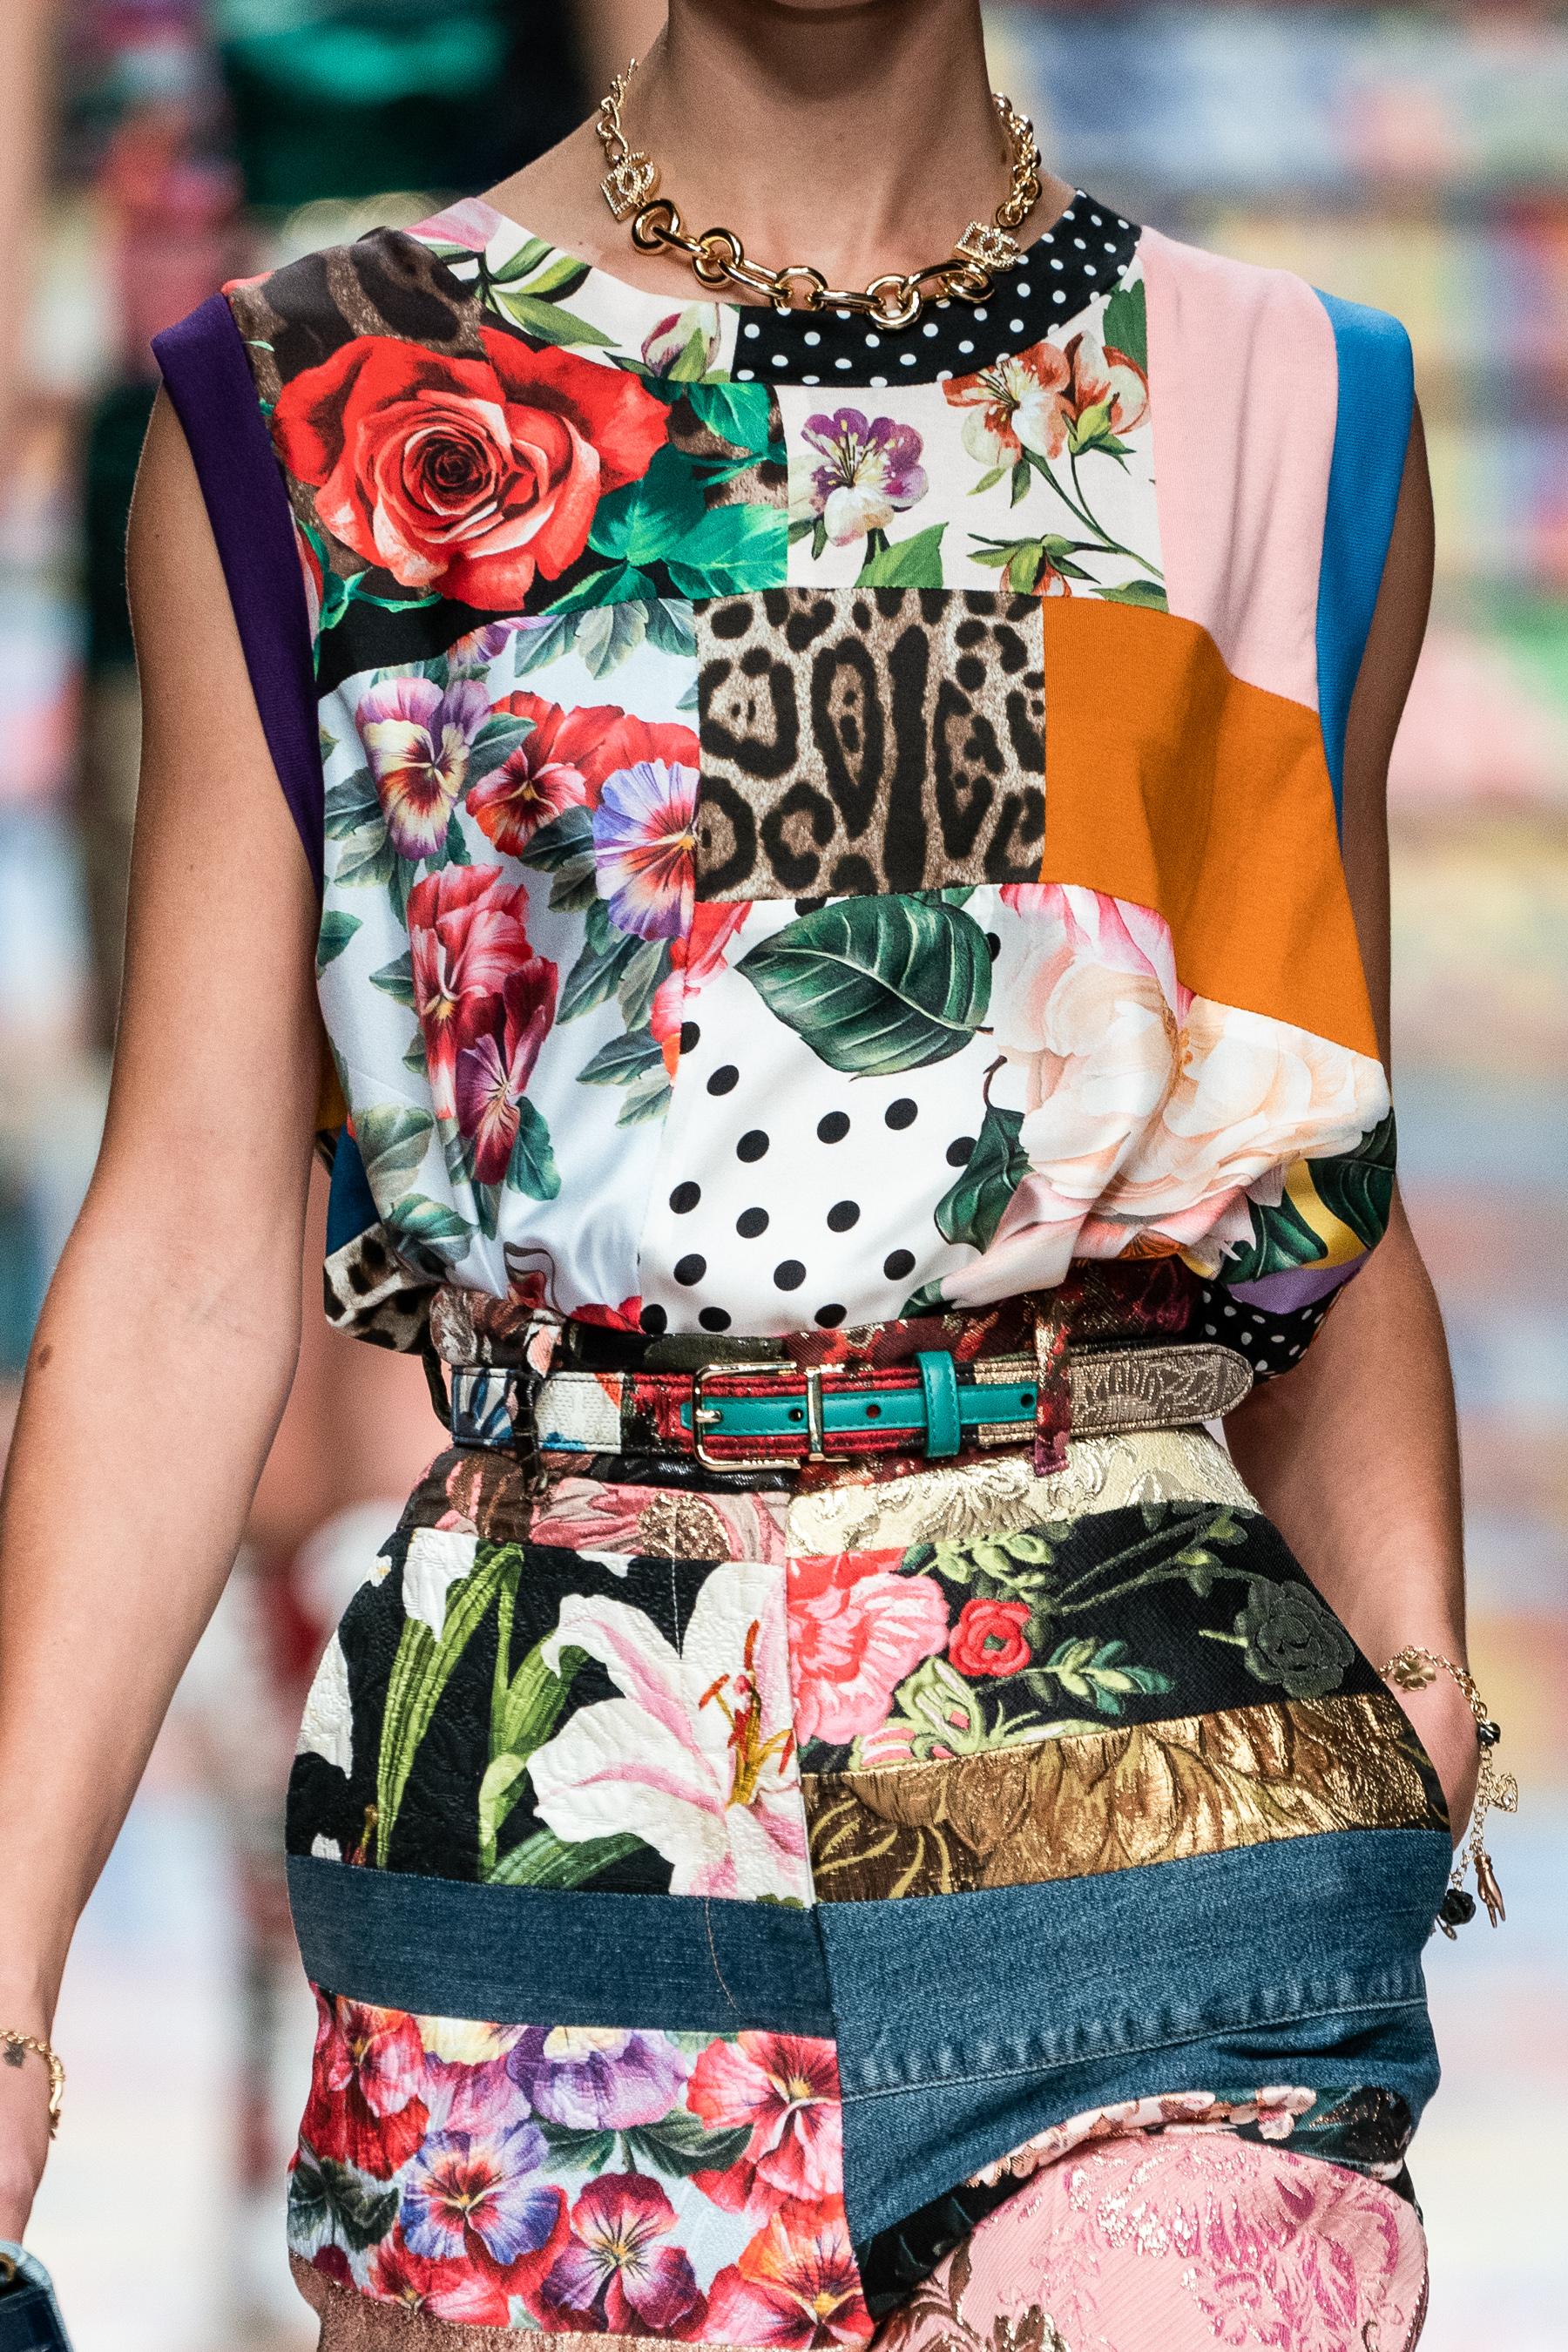 Dolce & Gabbana Spring 2021 Fashion Show Photos